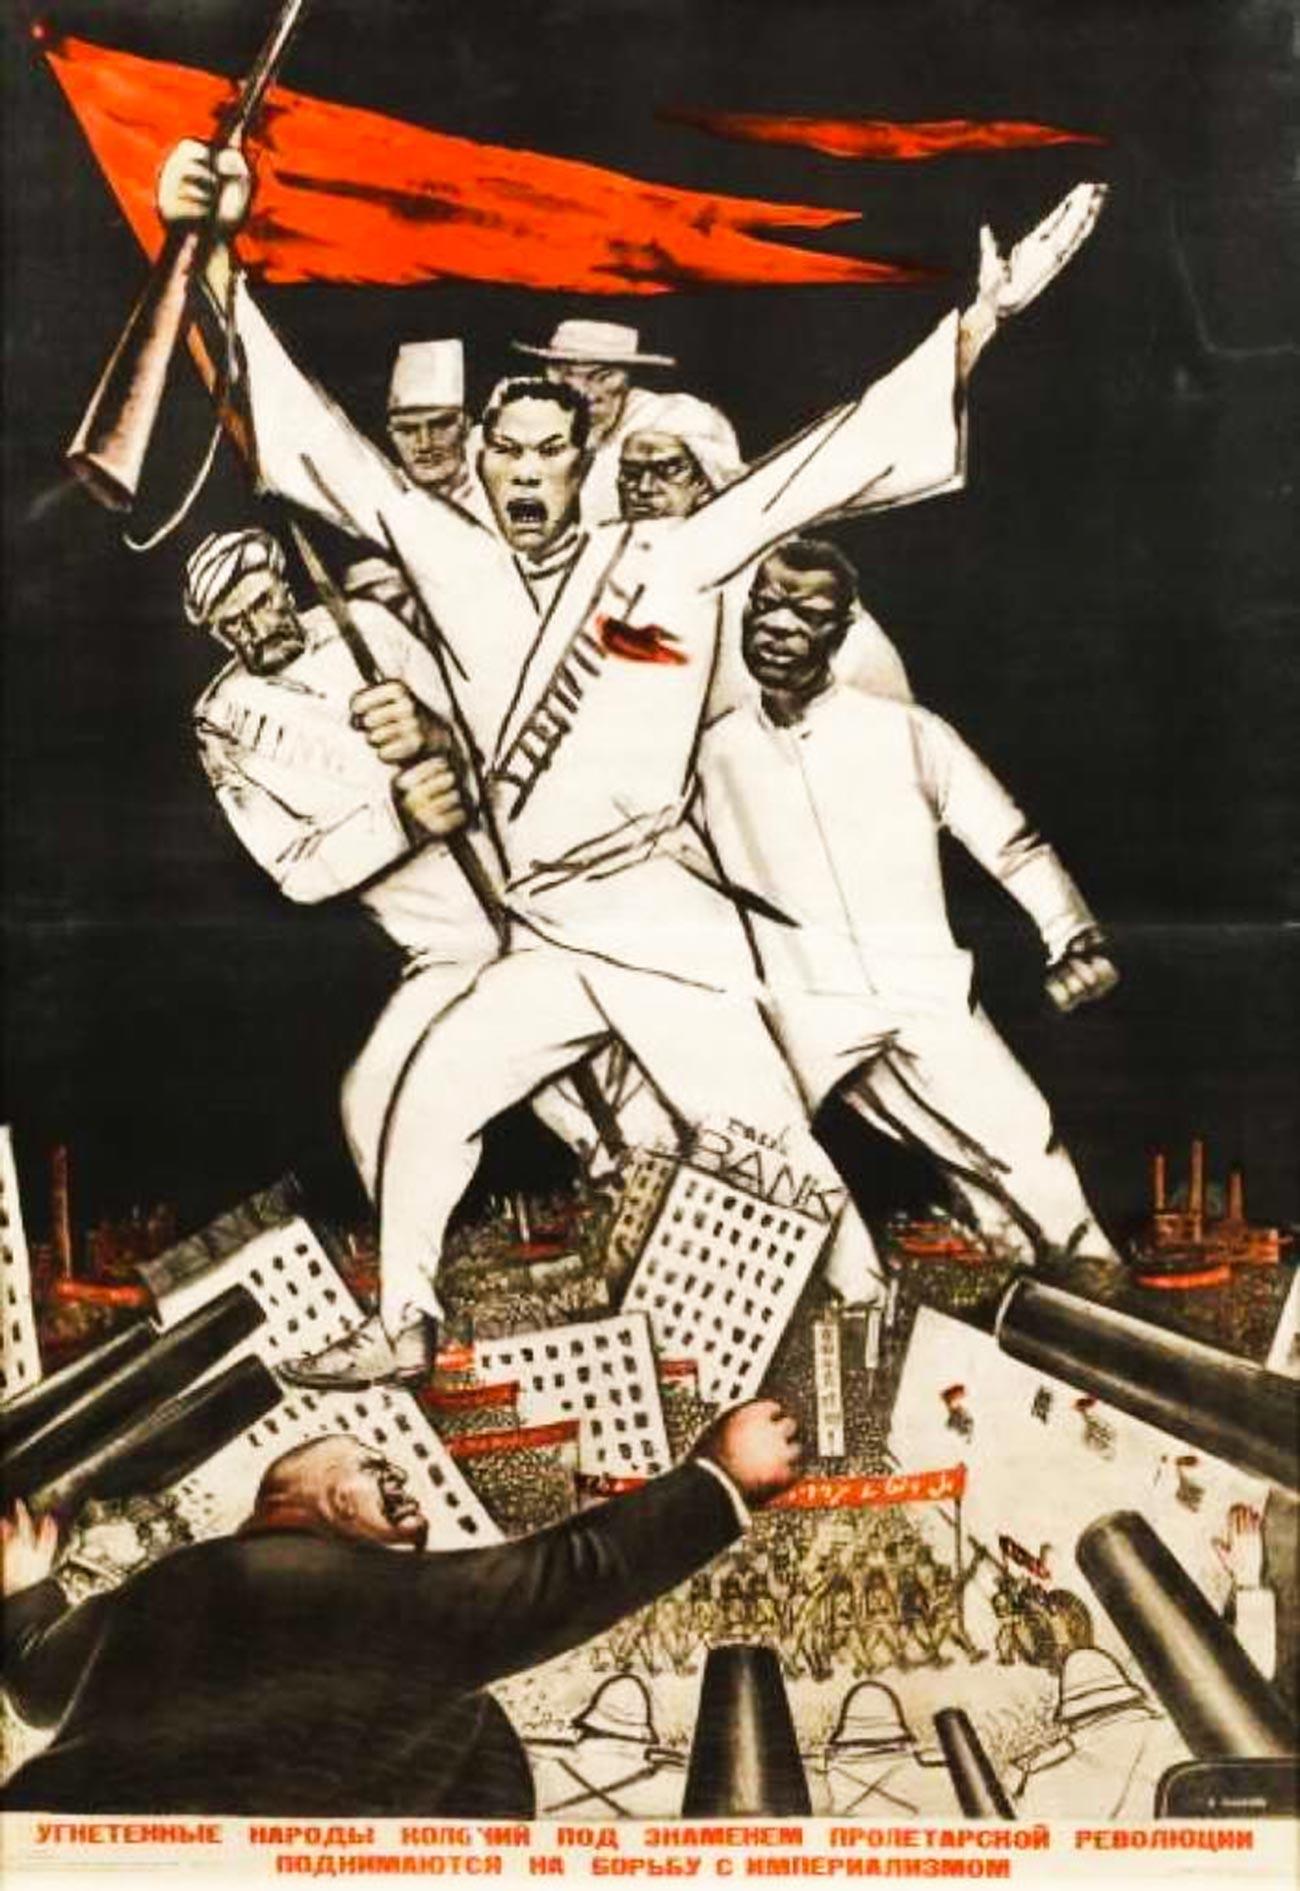 Die unterdrückte Bevölkerung der Kolonien wird sich erheben, um den Imperialismus unter dem Banner der proletarischen Revolution zu bekämpfen.